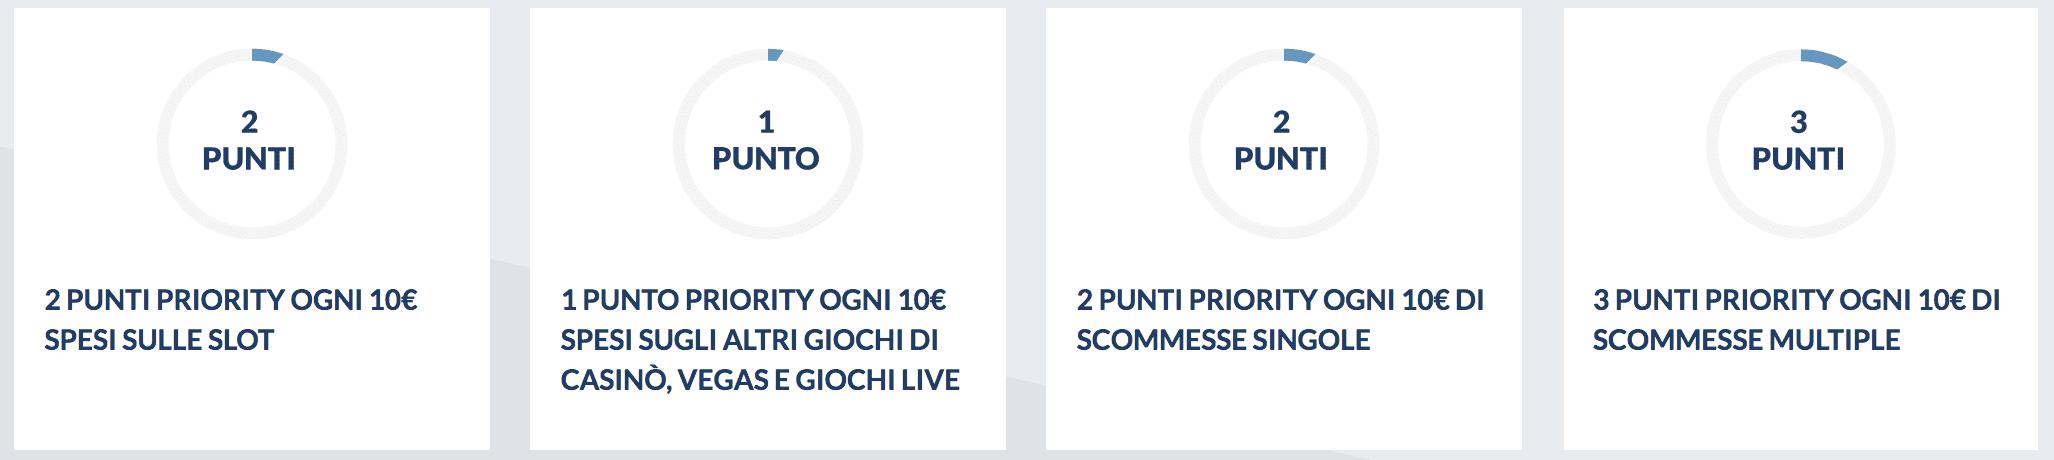 punti eurobet priority point